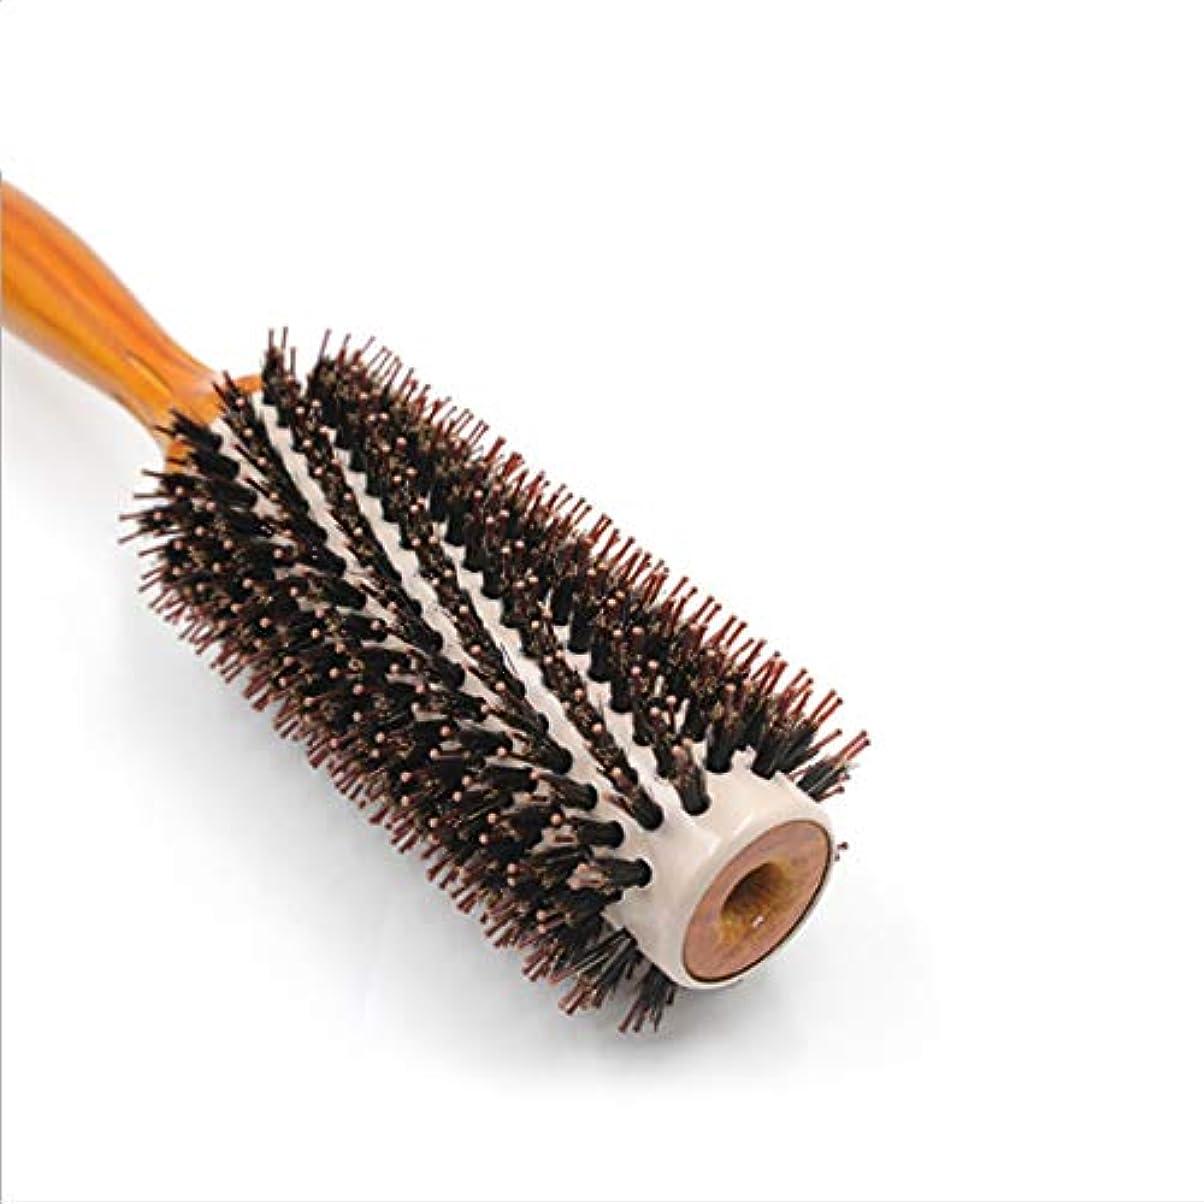 引き金デイジー泣き叫ぶ(L/M/S/XL)女性のための25.3センチラウンドスタイリングヘアブラシ - ビッグフラワーコーム理髪 - 女性と男性のための自然な木製のハンドルが付いているブローストレート&カーリングロールヘアブラシたてがみ モデリングツール...